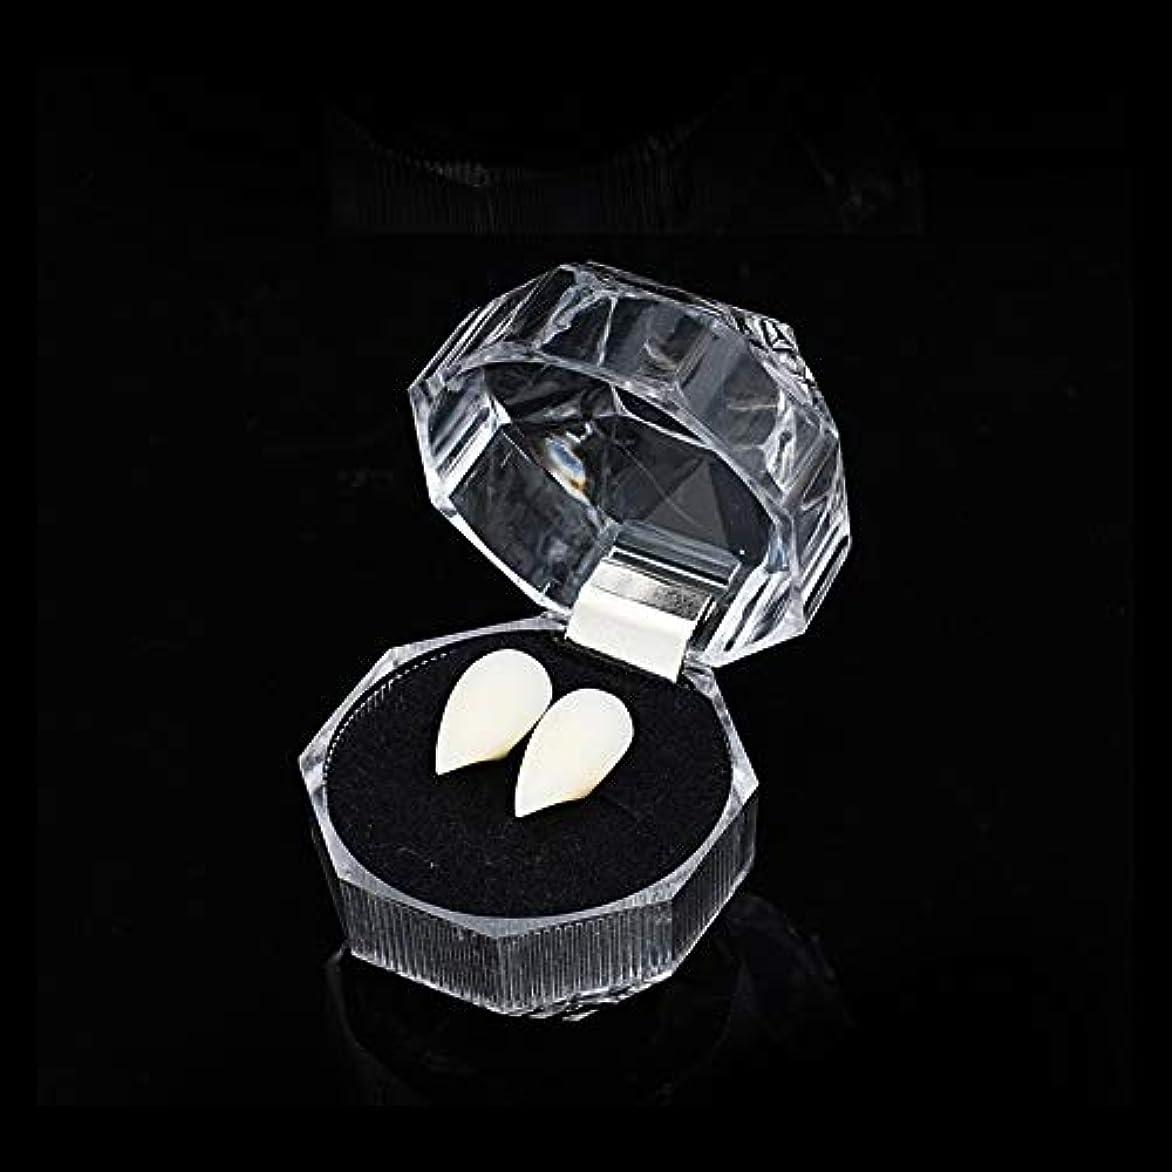 ハウス彼好ましい2ピースユニセックスハロウィーン義歯仮面舞踏会の小道具、ロールプレイング偽歯幽霊(13 mm、15 mm、17 mm、19 mm),17mm